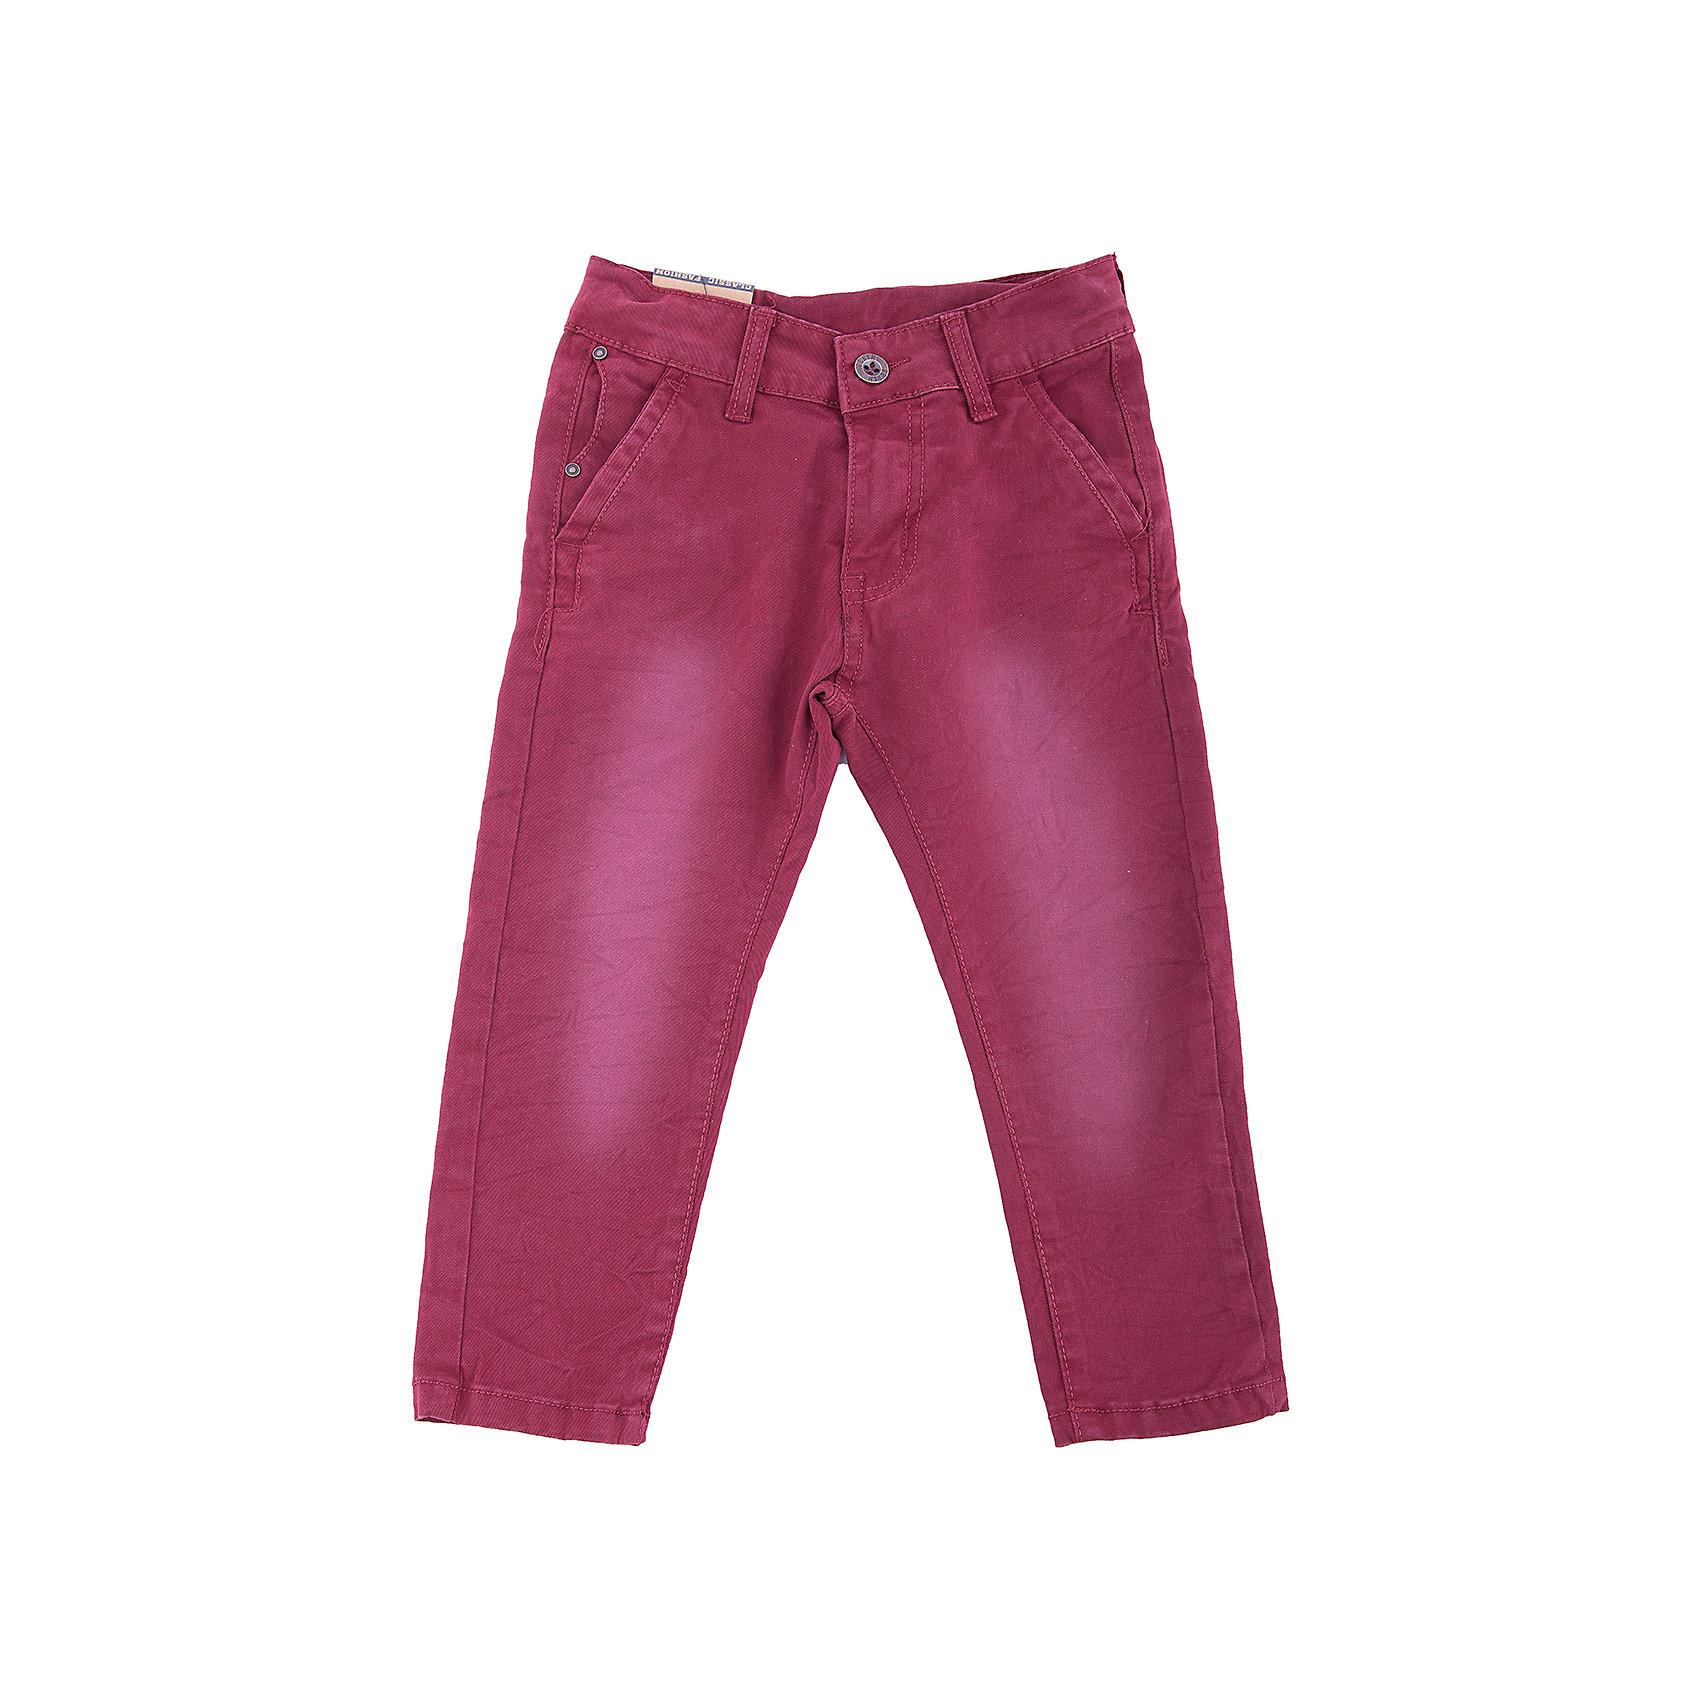 Брюки Sweet Berry для мальчикаДжинсы<br>Брюки Sweet Berry для мальчика<br>Яркие текстильные брюки для мальчика. Застегиваются на молнию и пуговицу. Шлевки на поясе рассчитаны под ремень. В боковой части пояса находятся вшитые эластичные ленты, регулирующие посадку по талии. Зауженный крой, средняя посадка.<br>Состав:<br>97% хлопок, 3% спандекс<br><br>Ширина мм: 215<br>Глубина мм: 88<br>Высота мм: 191<br>Вес г: 336<br>Цвет: бордовый<br>Возраст от месяцев: 72<br>Возраст до месяцев: 84<br>Пол: Мужской<br>Возраст: Детский<br>Размер: 122,128,98,104,110,116<br>SKU: 7094798